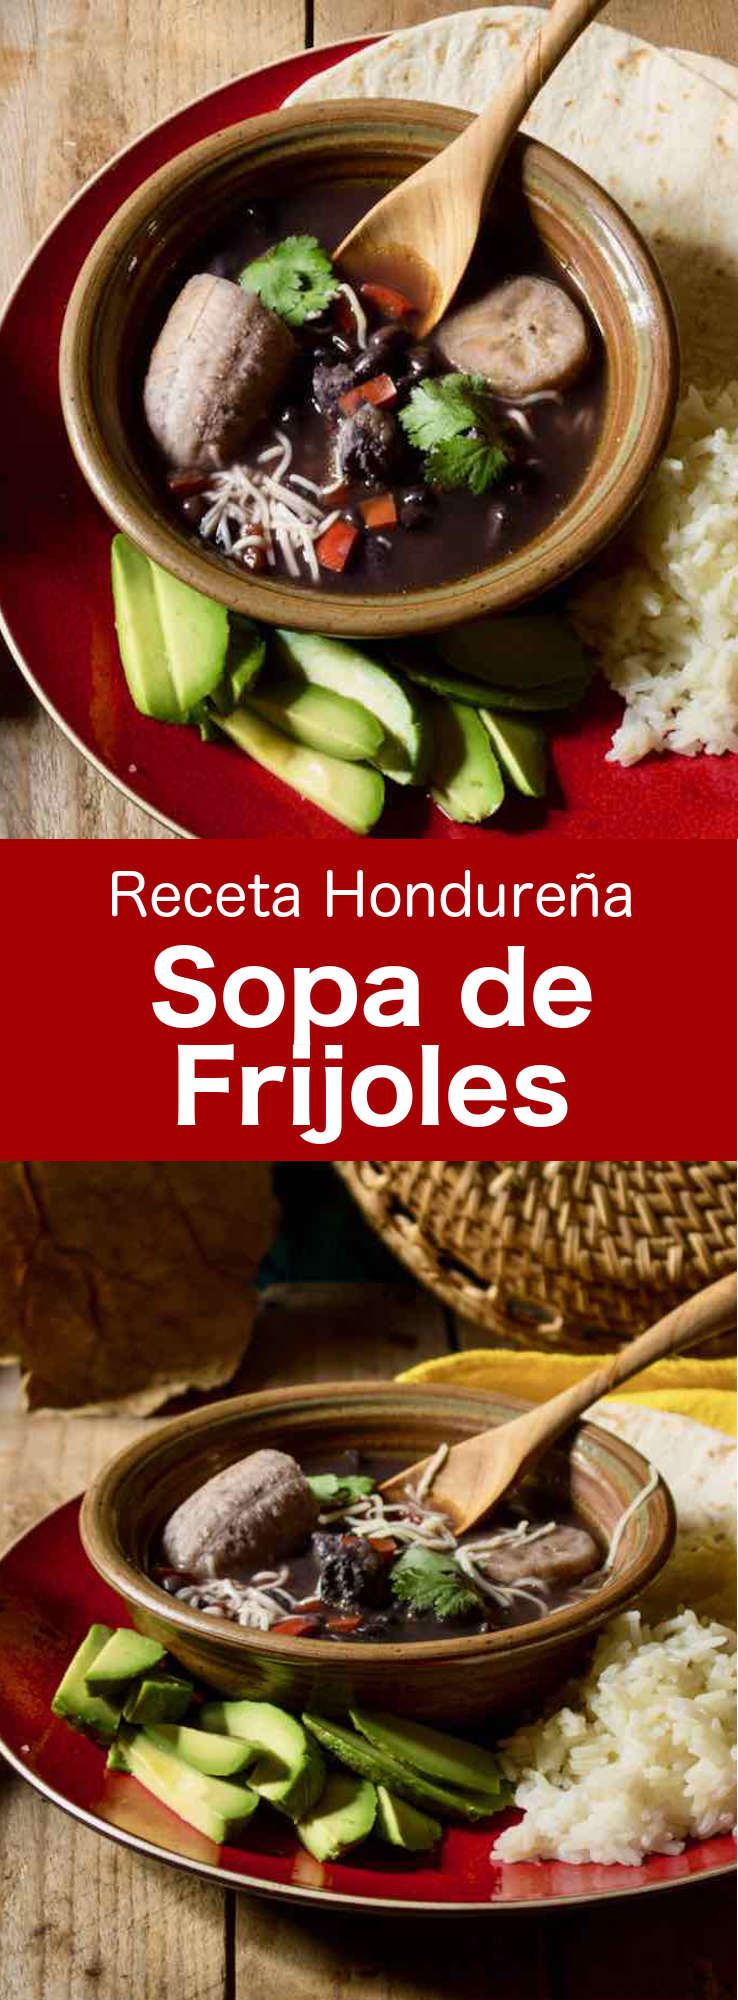 La sopa de frijoles es una deliciosa sopa de frijoles negros tradicional de Honduras que, generalmente, se prepara con chicharrones o costillas de cerdo pequeñas.